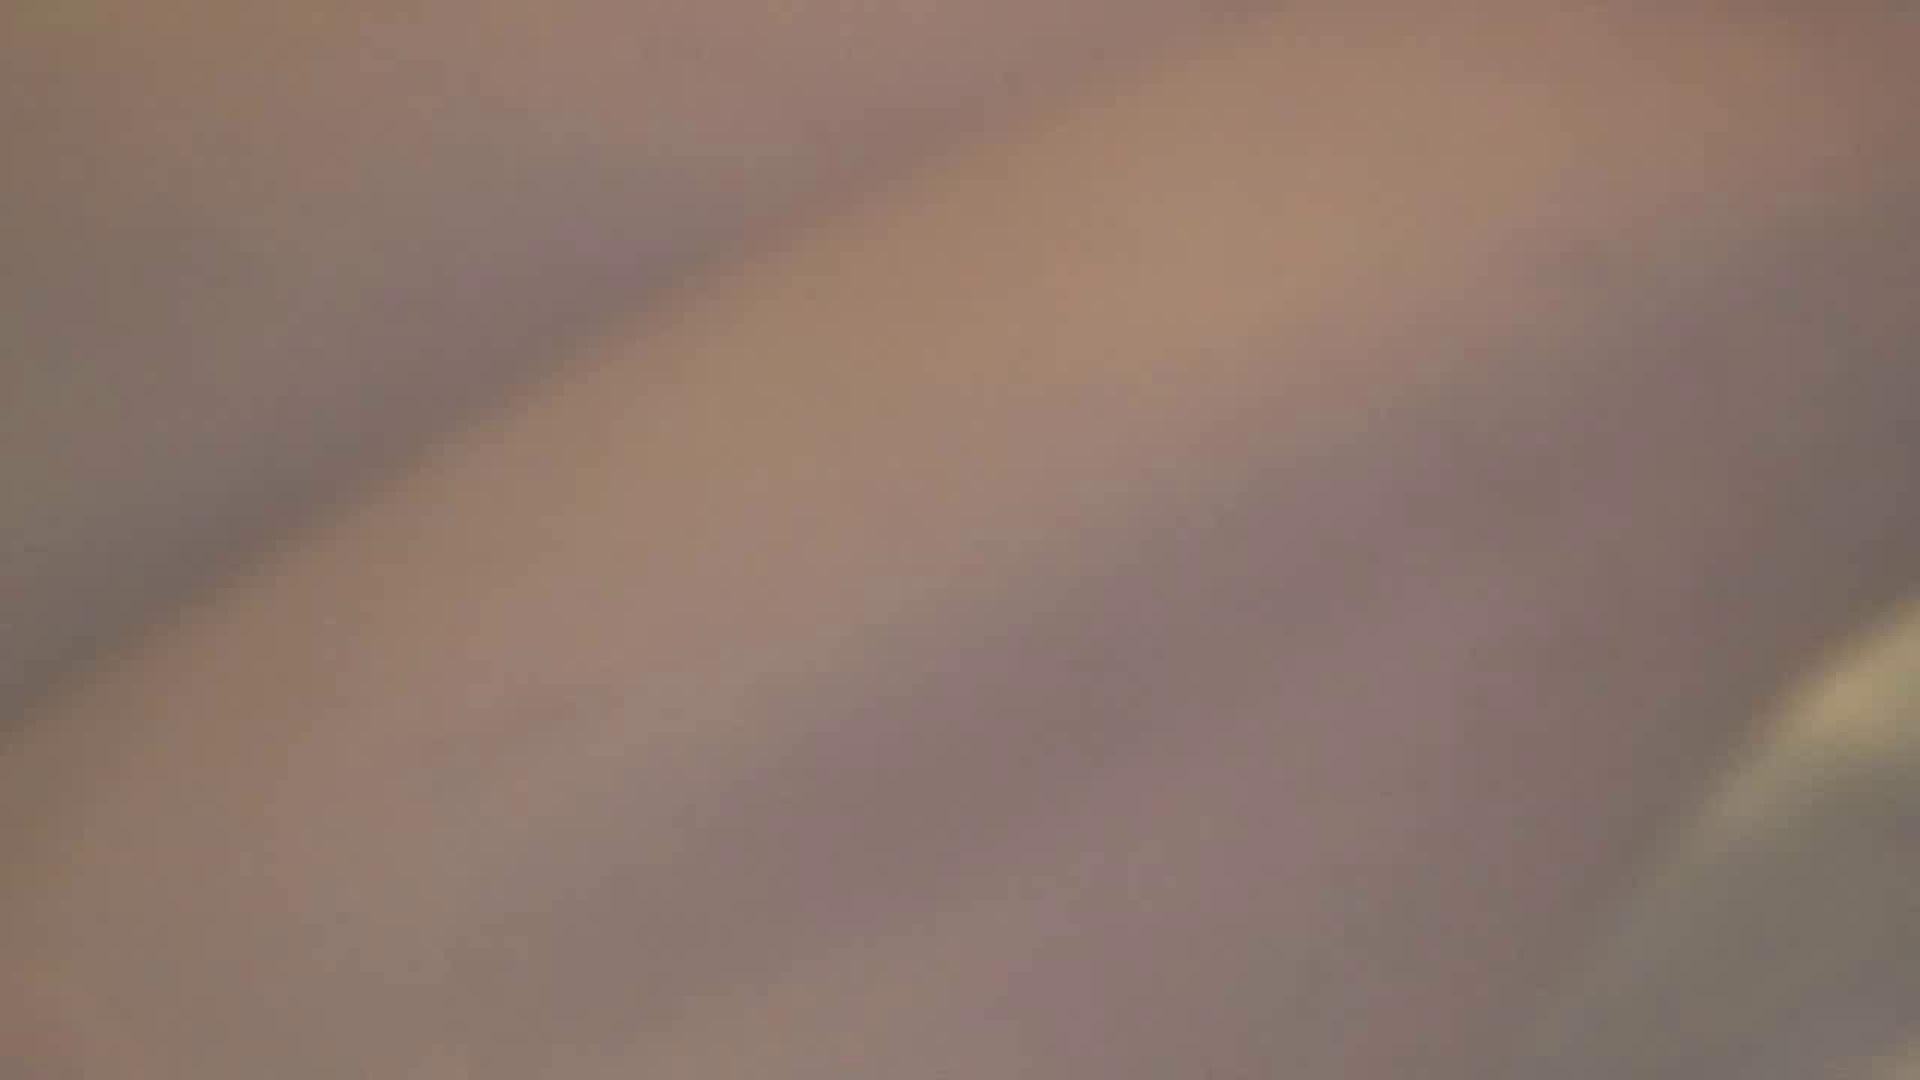 老舗ペンション2代目オーナーが流出したお宝映像Vol.4 感じるセックス  83連発 75